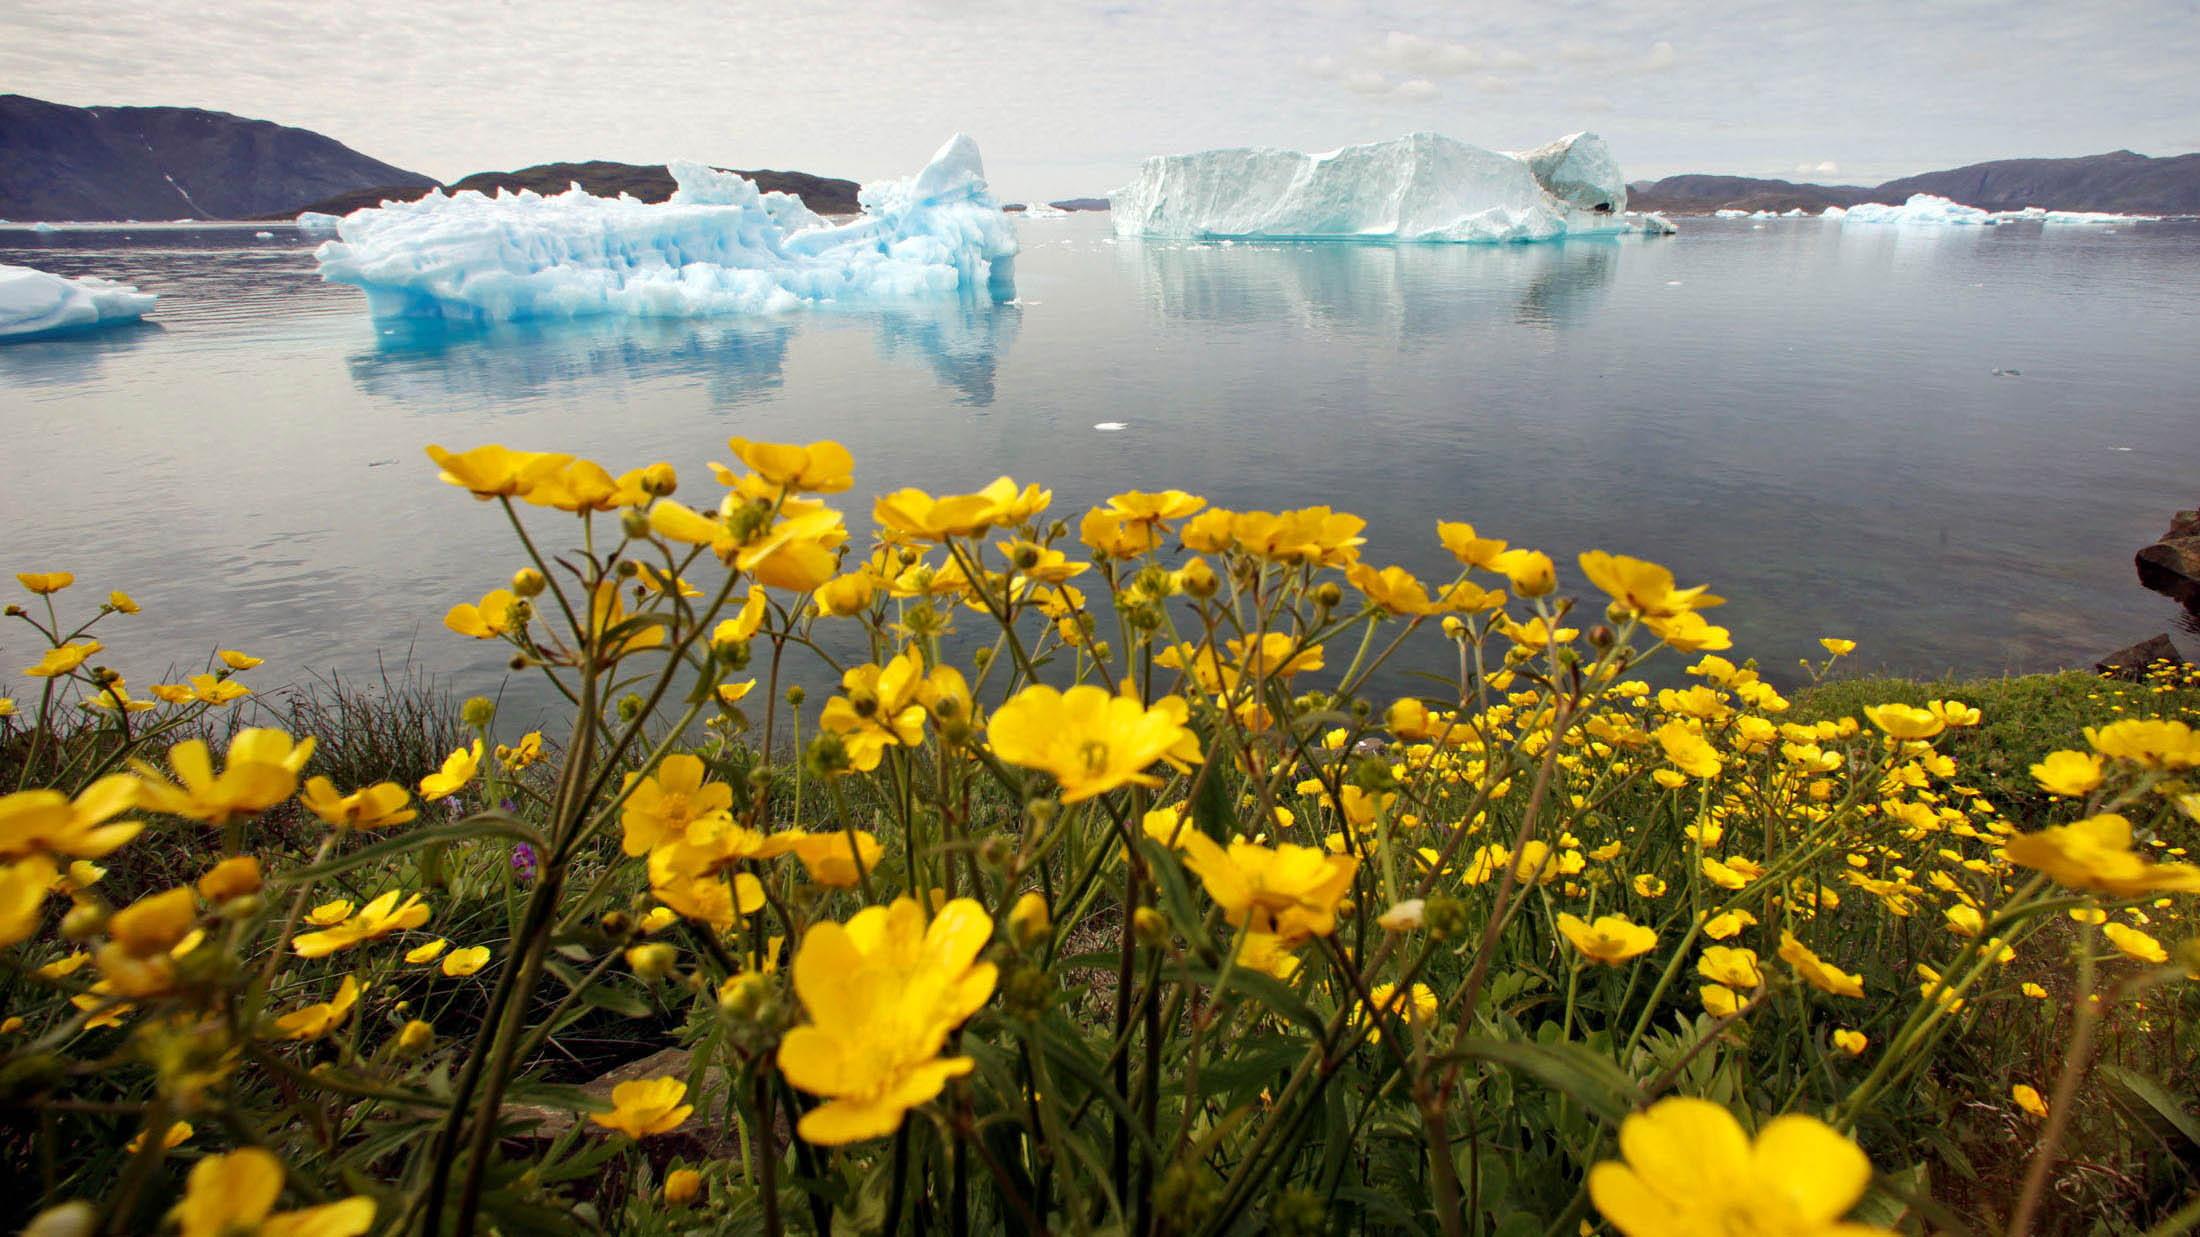 随着暖化加剧,格陵兰的融冰不断创新纪录,上个月冰原顶峰破天荒下雨。(路透社)